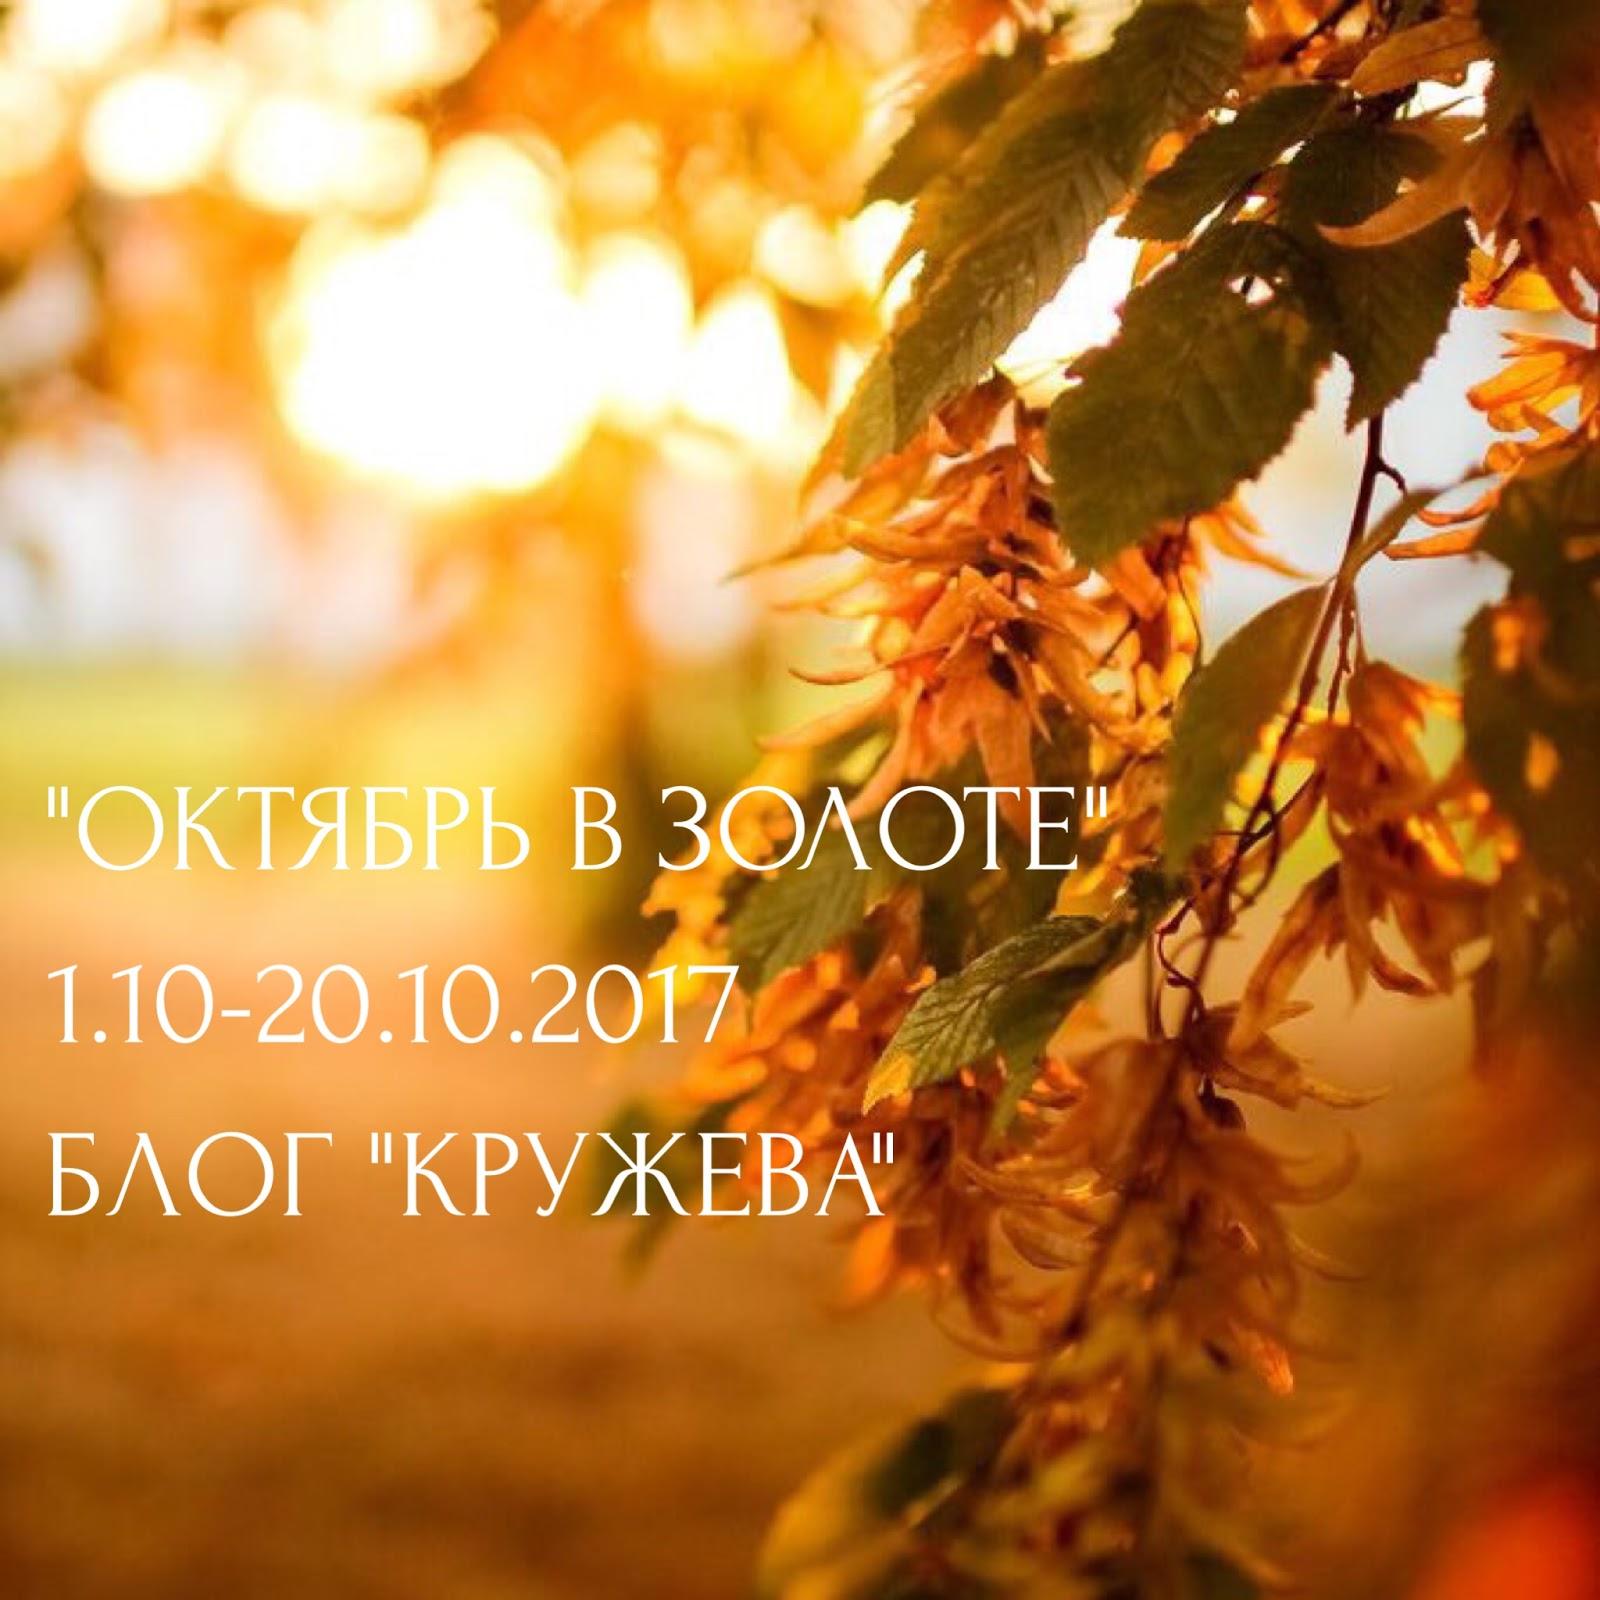 """Задание """"Октябрь в золоте"""" от блога """"Кружева"""", 20/10"""